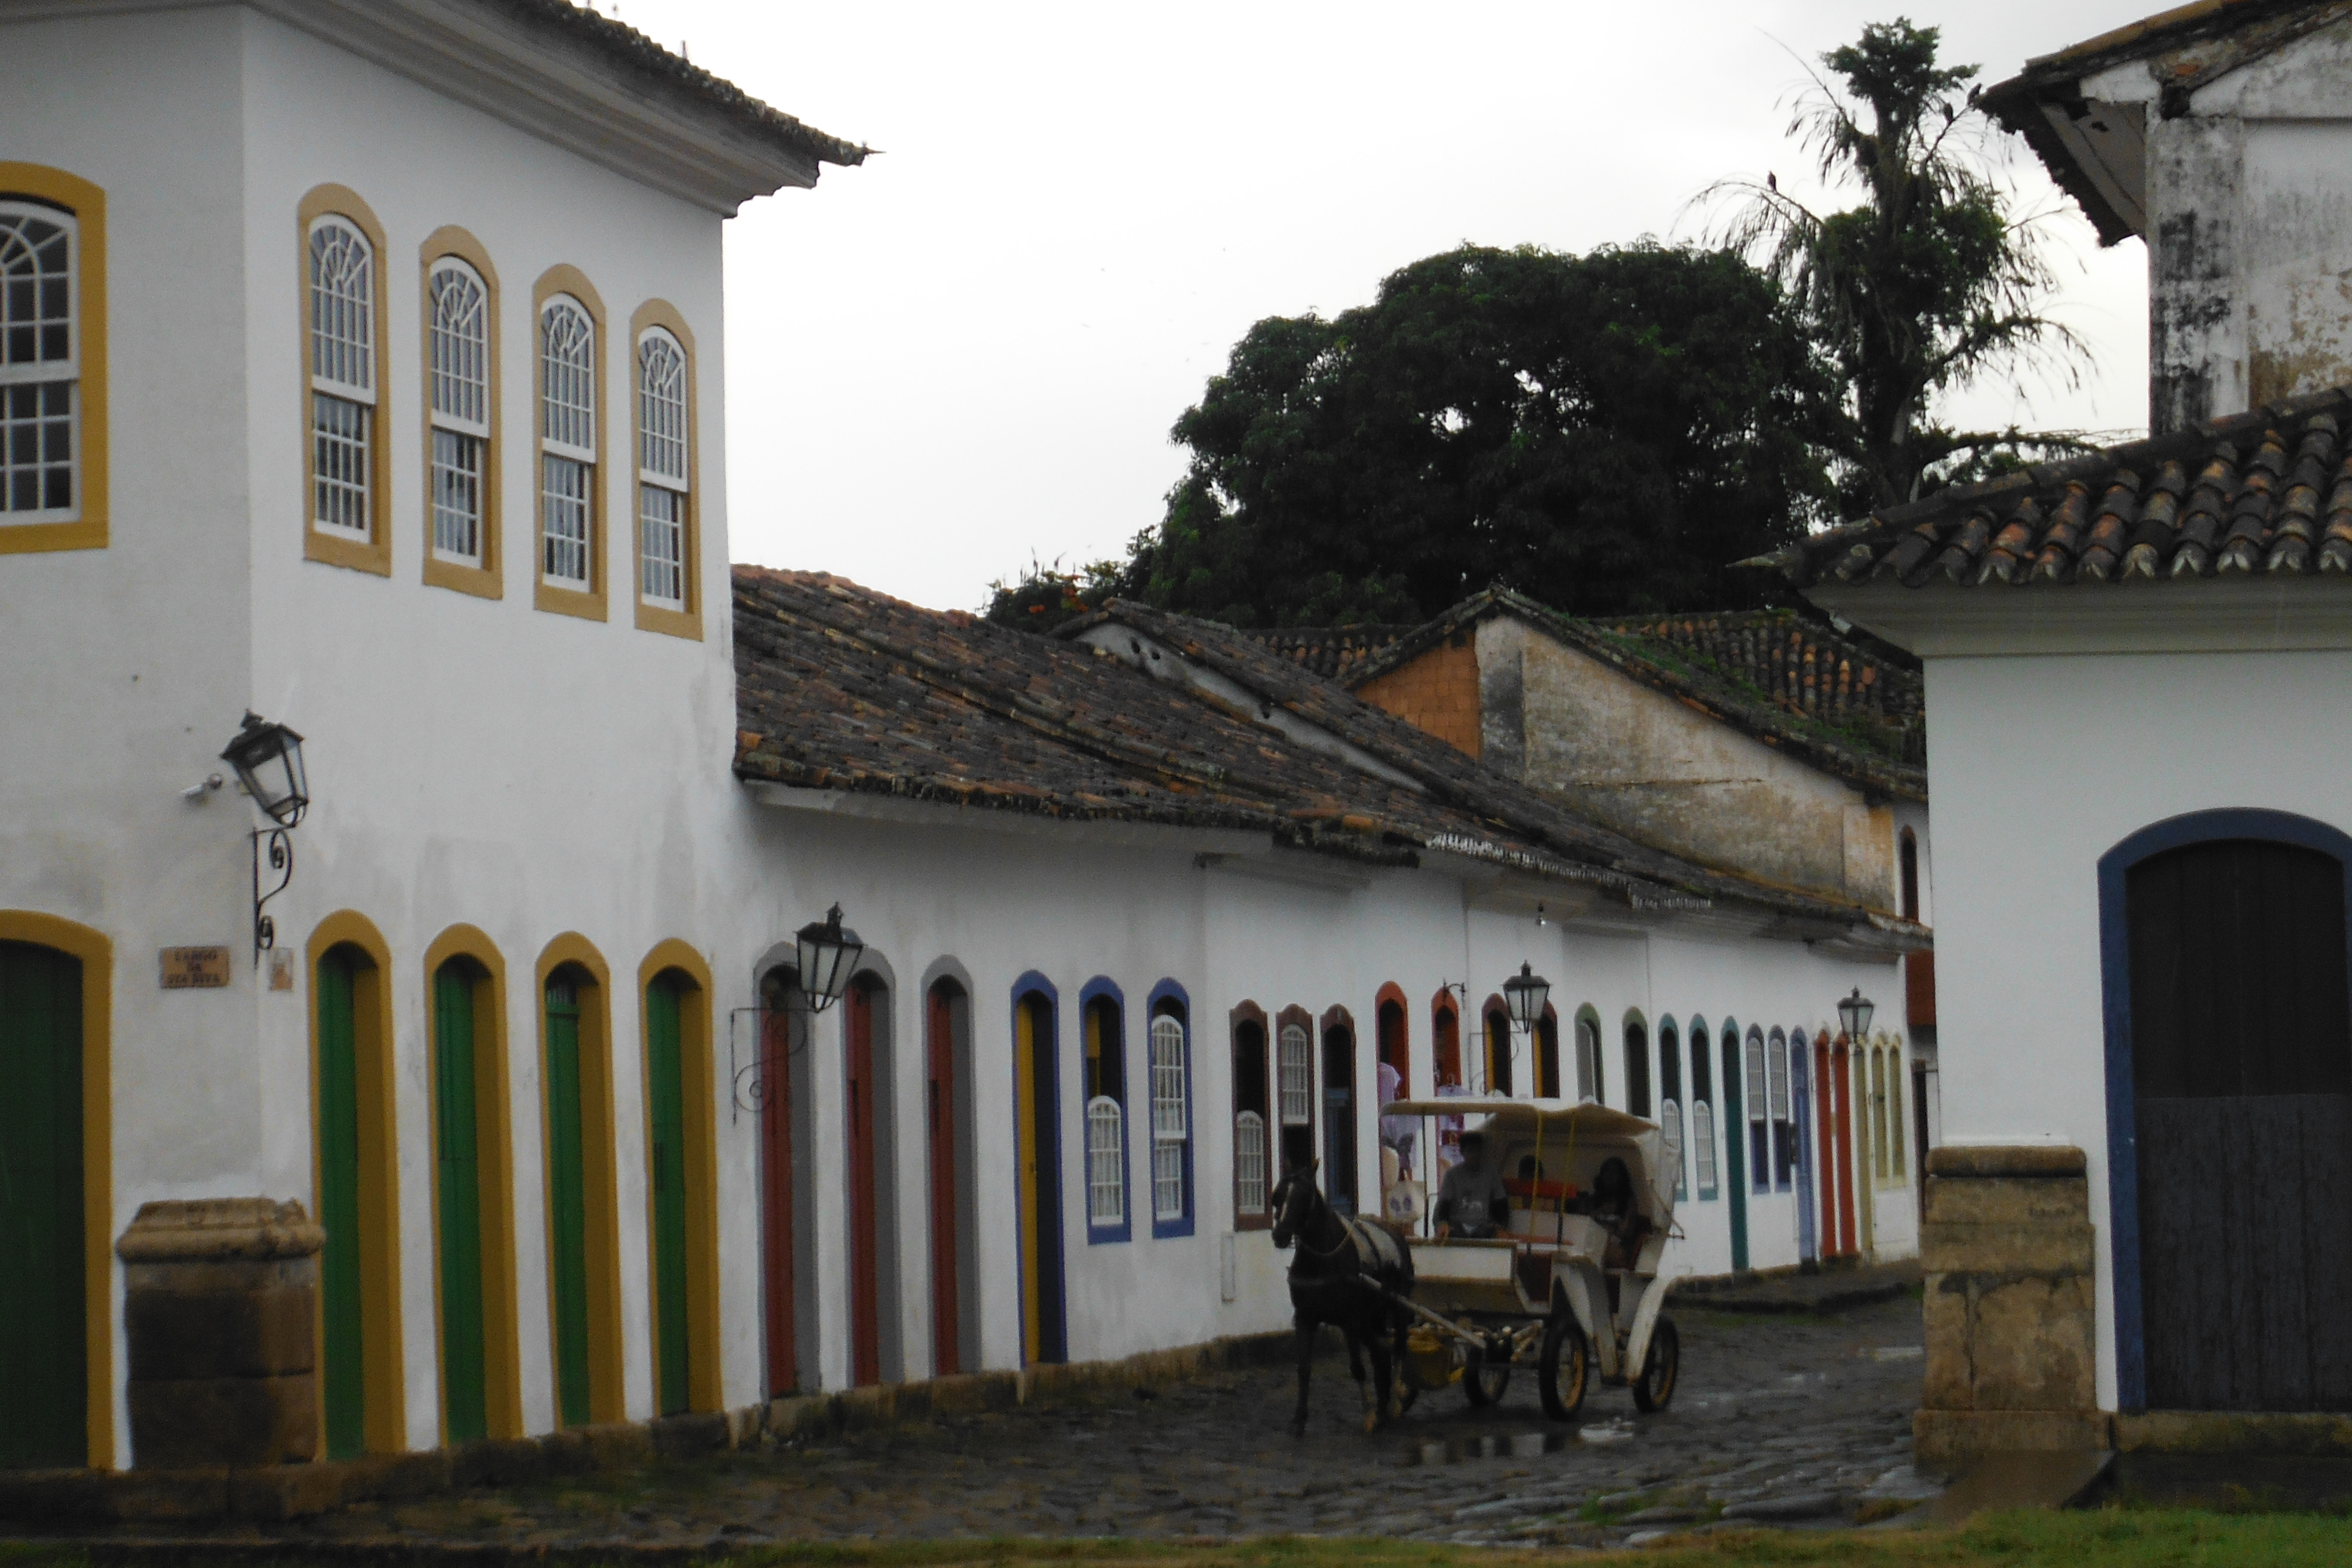 0739c2f27ca Paraty lähedale jäävad ka põnevad kalurikülad, kuhu välisturisti ega ka  mitte brasiillaste endi jalg just tihti ei satu ja kus elatakse hoopis  teistsugust ...